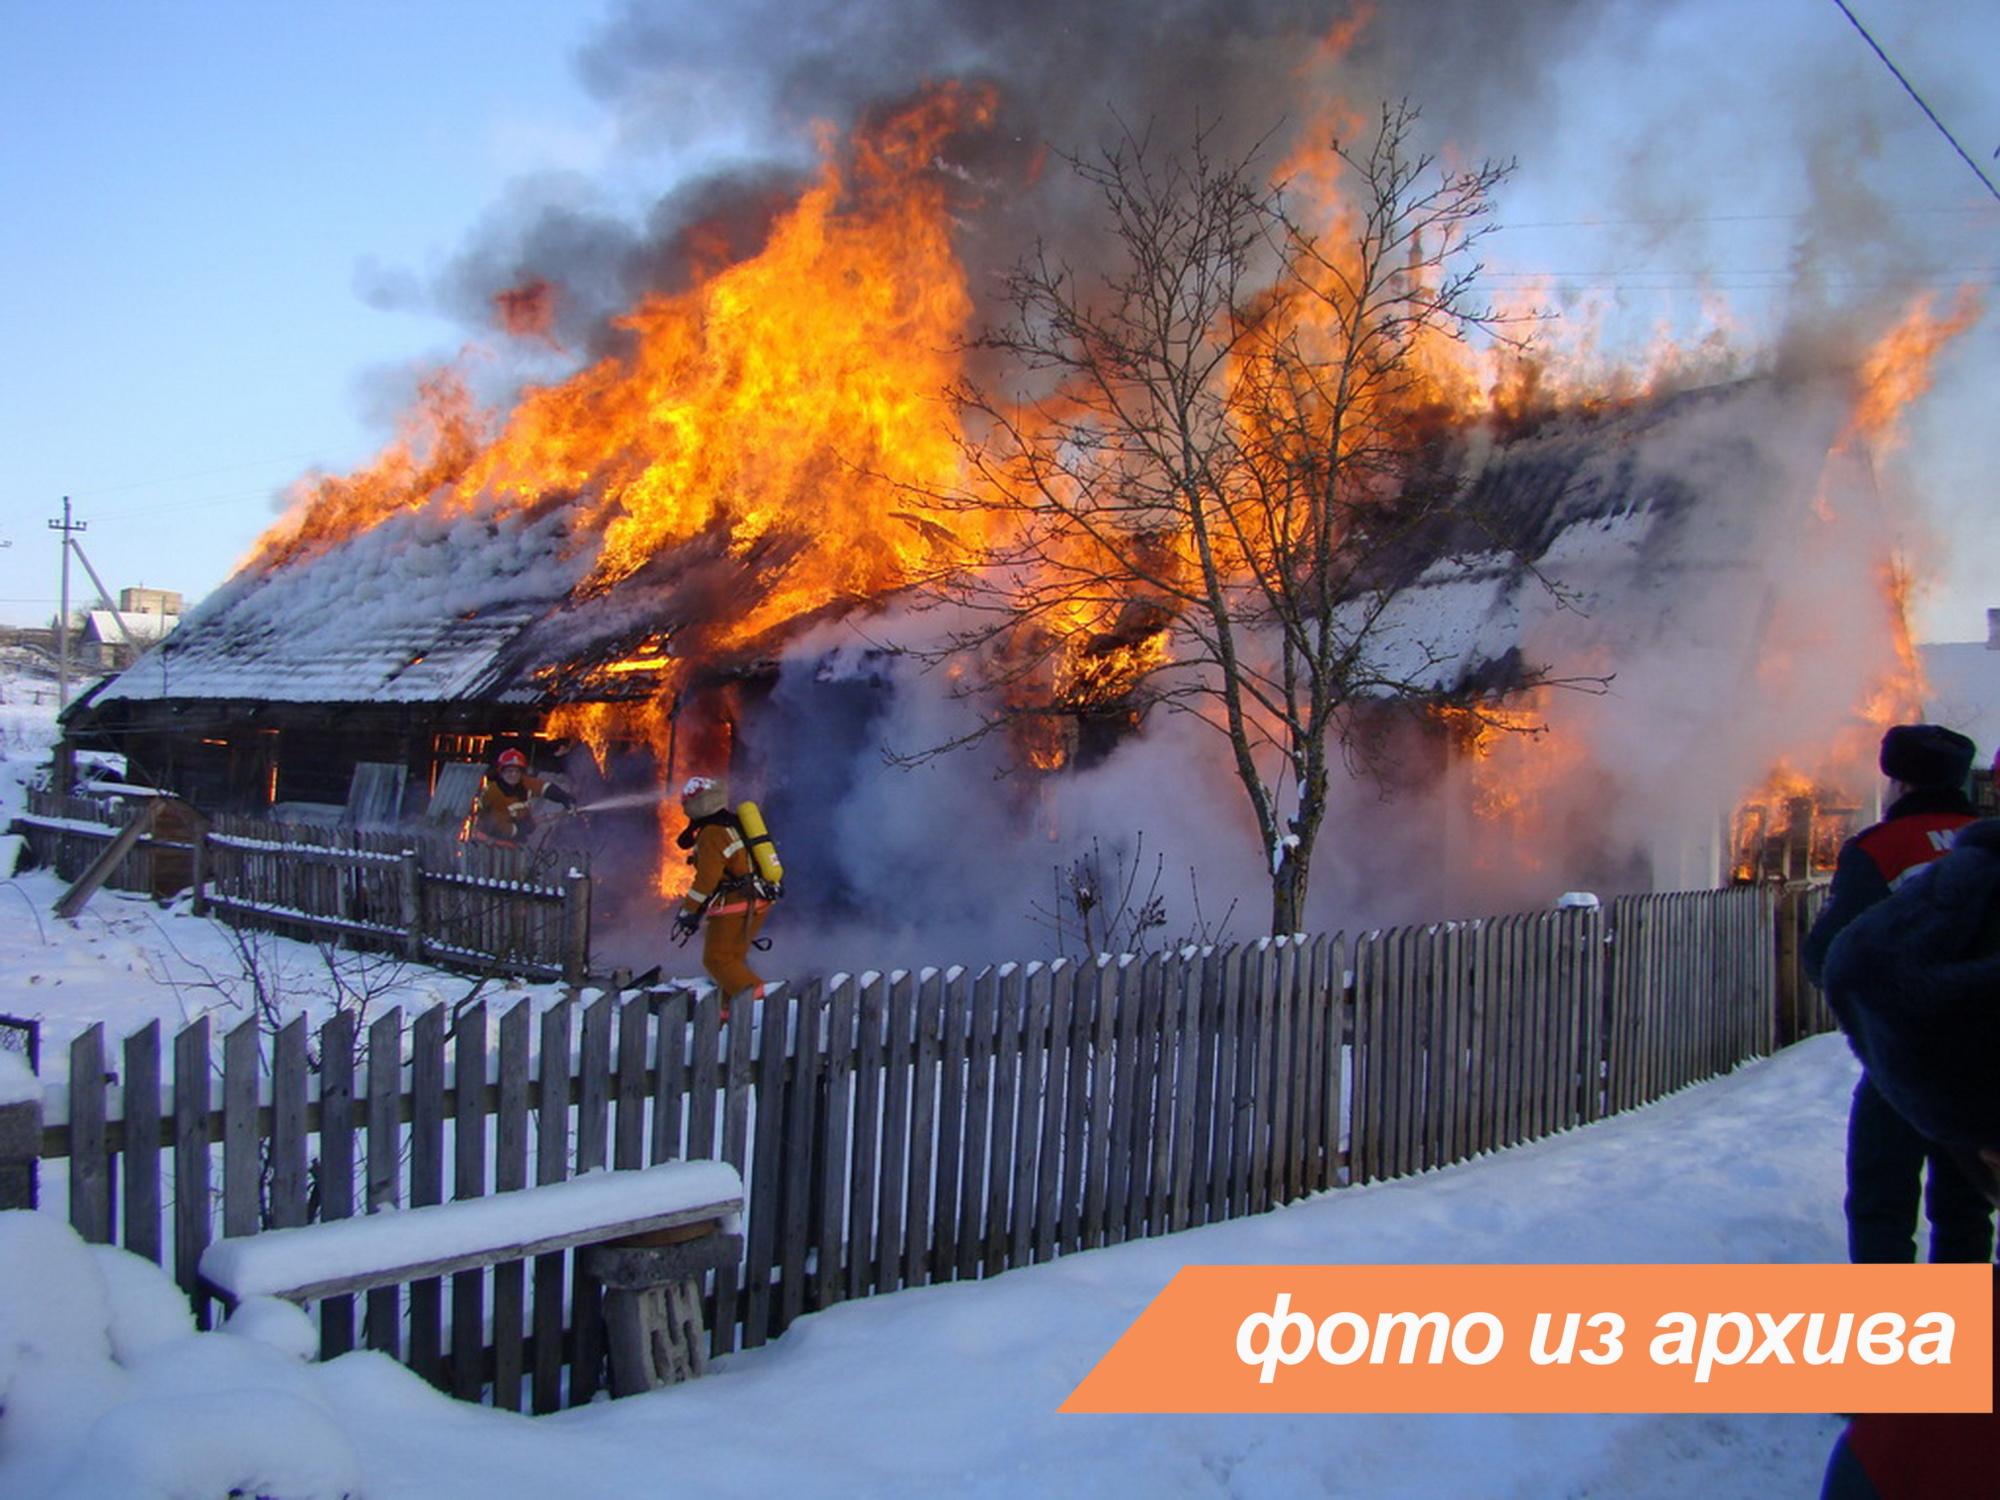 Пожарно-спасательное подразделение Ленинградской области ликвидировало пожар в Тосненском районе